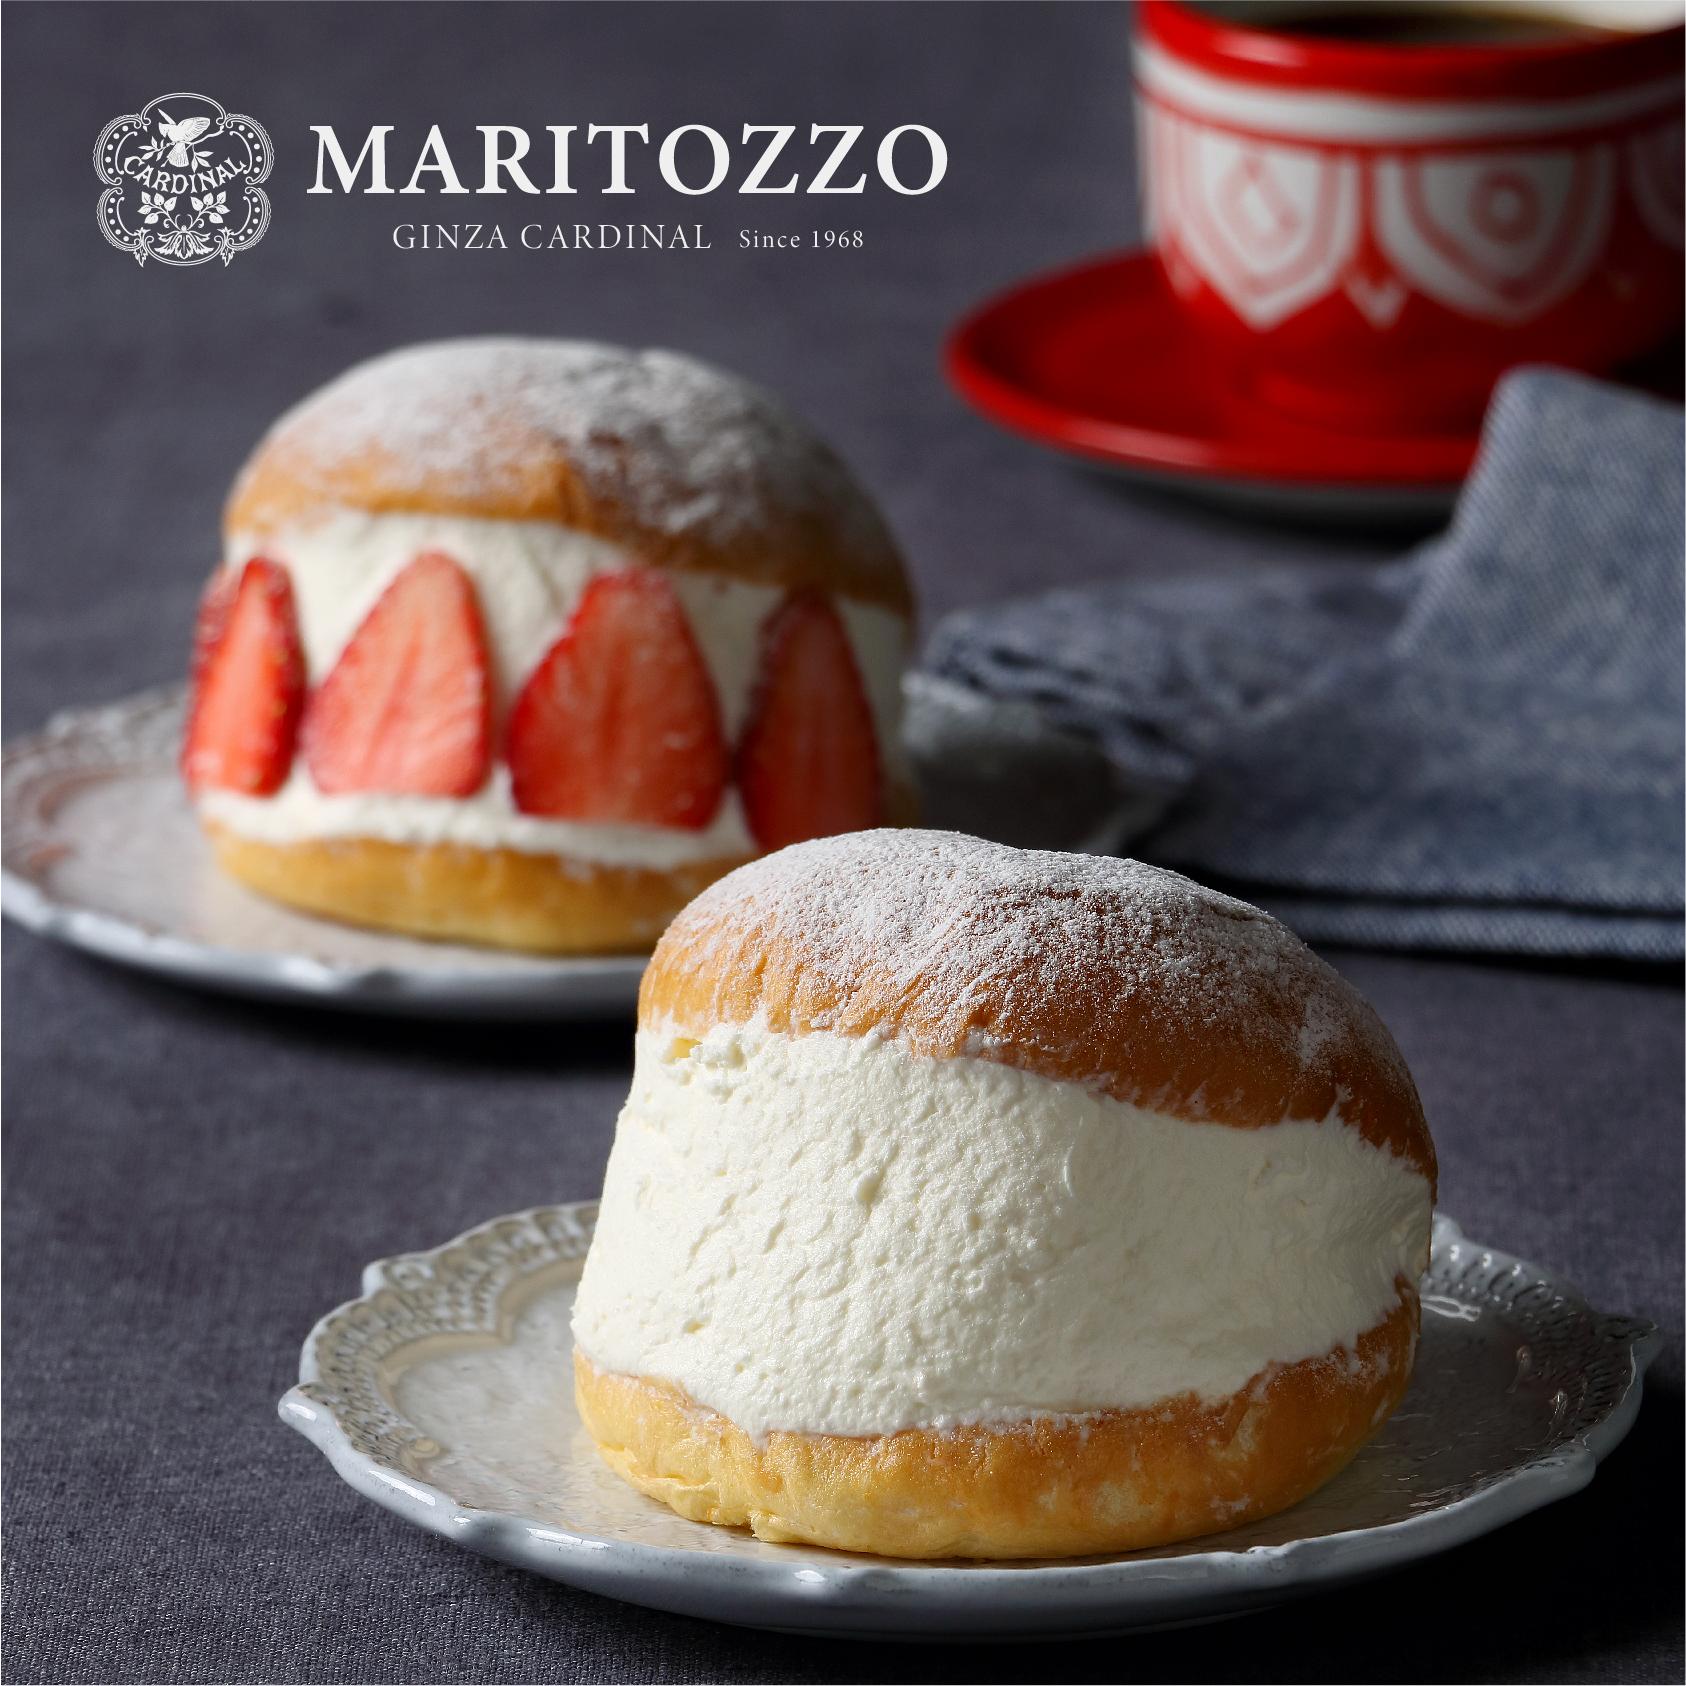 ローマ伝統のマリトッツォ 軽食にもおやつにもぴったり